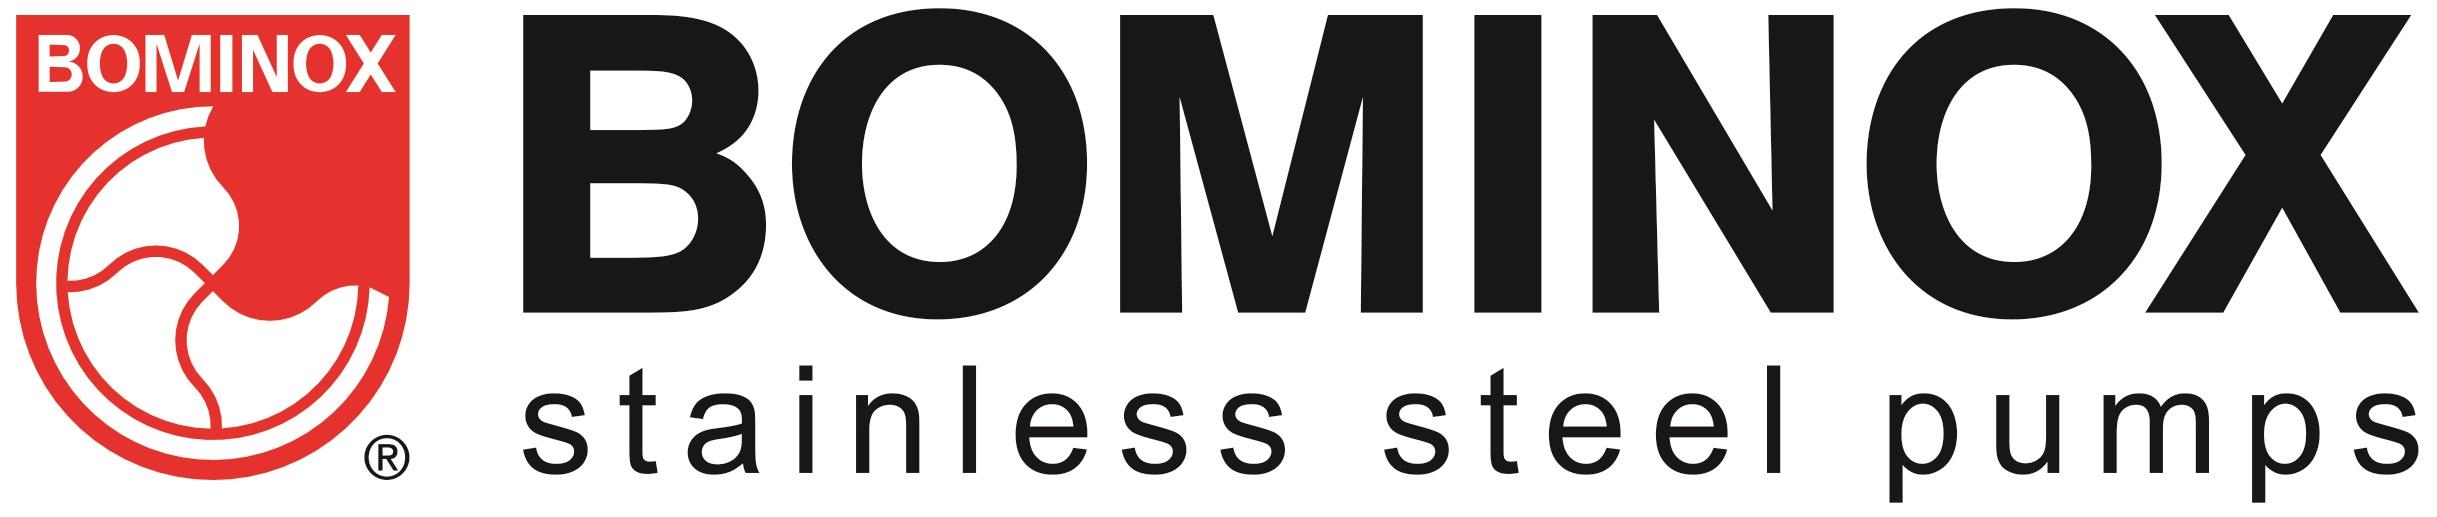 LOGO BOMINOX 2014_aplicacions